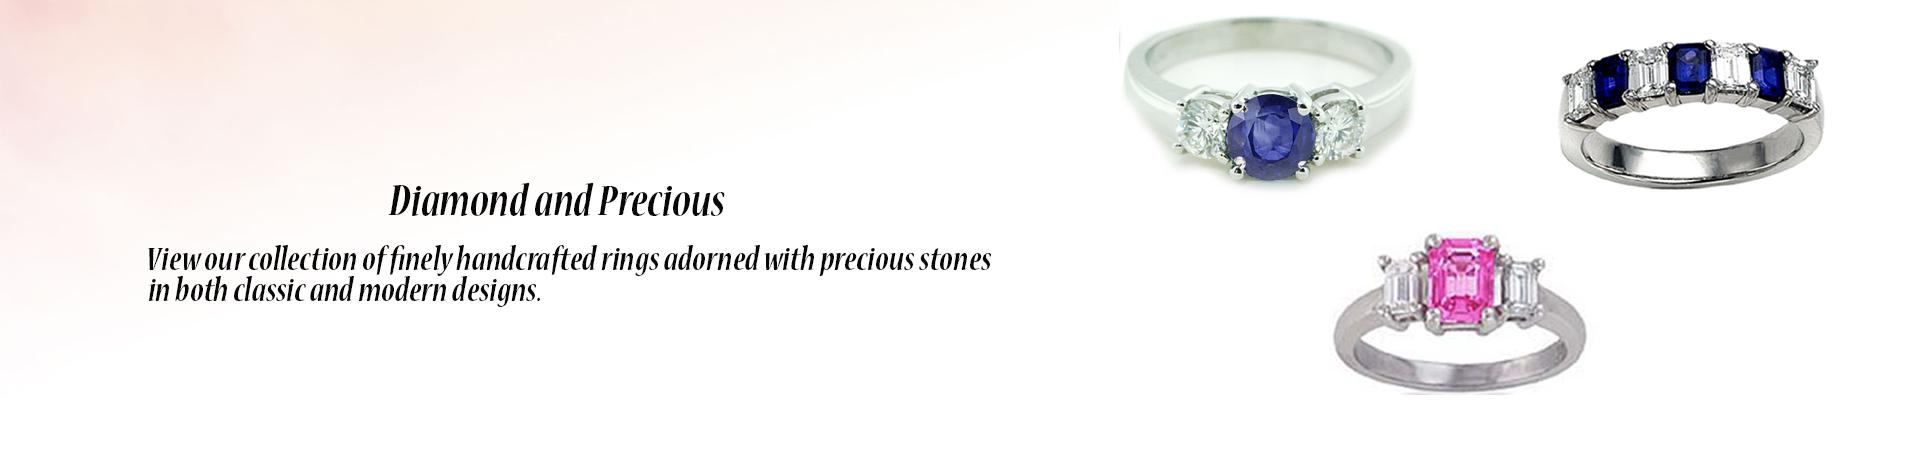 Diamond and Precious